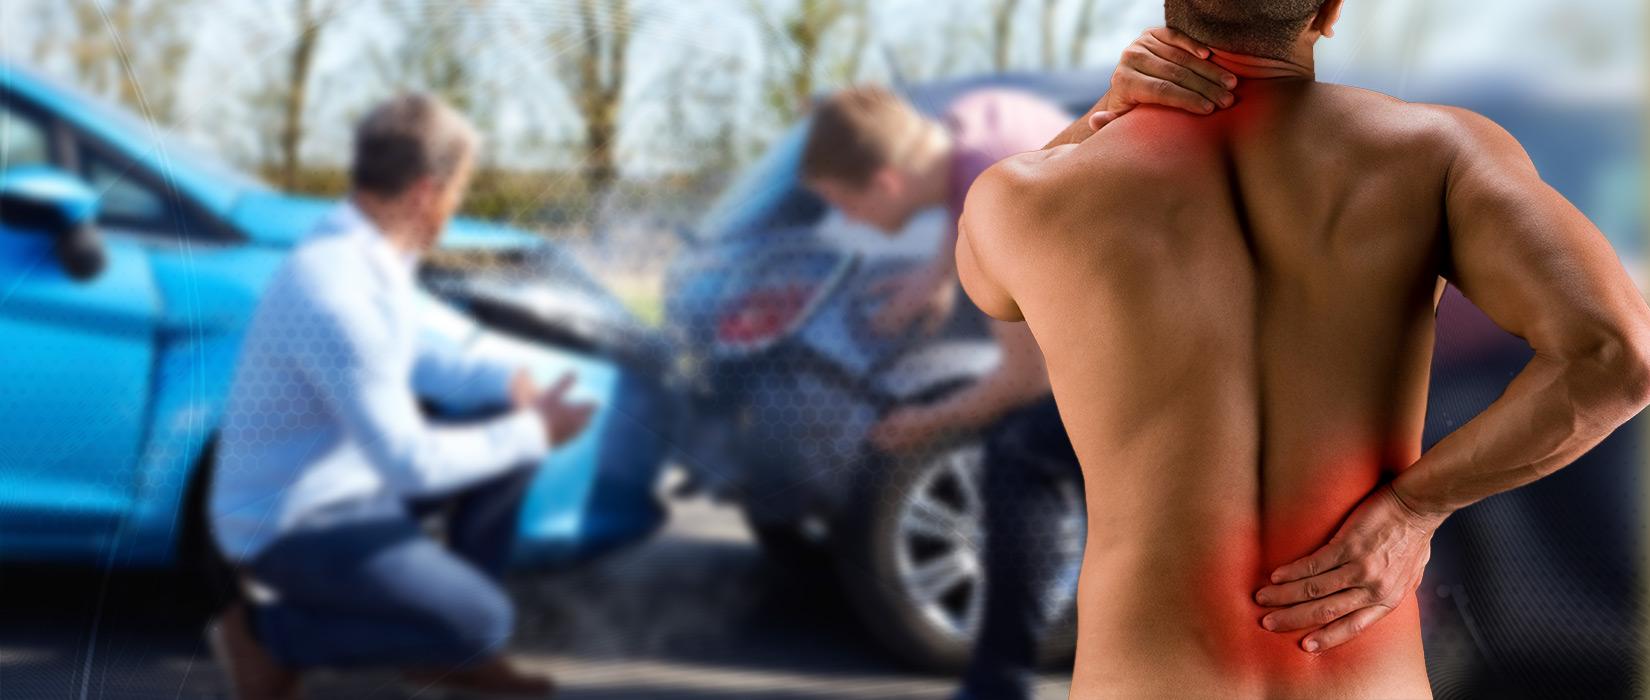 auto injury chiropractor alpharetta georgia